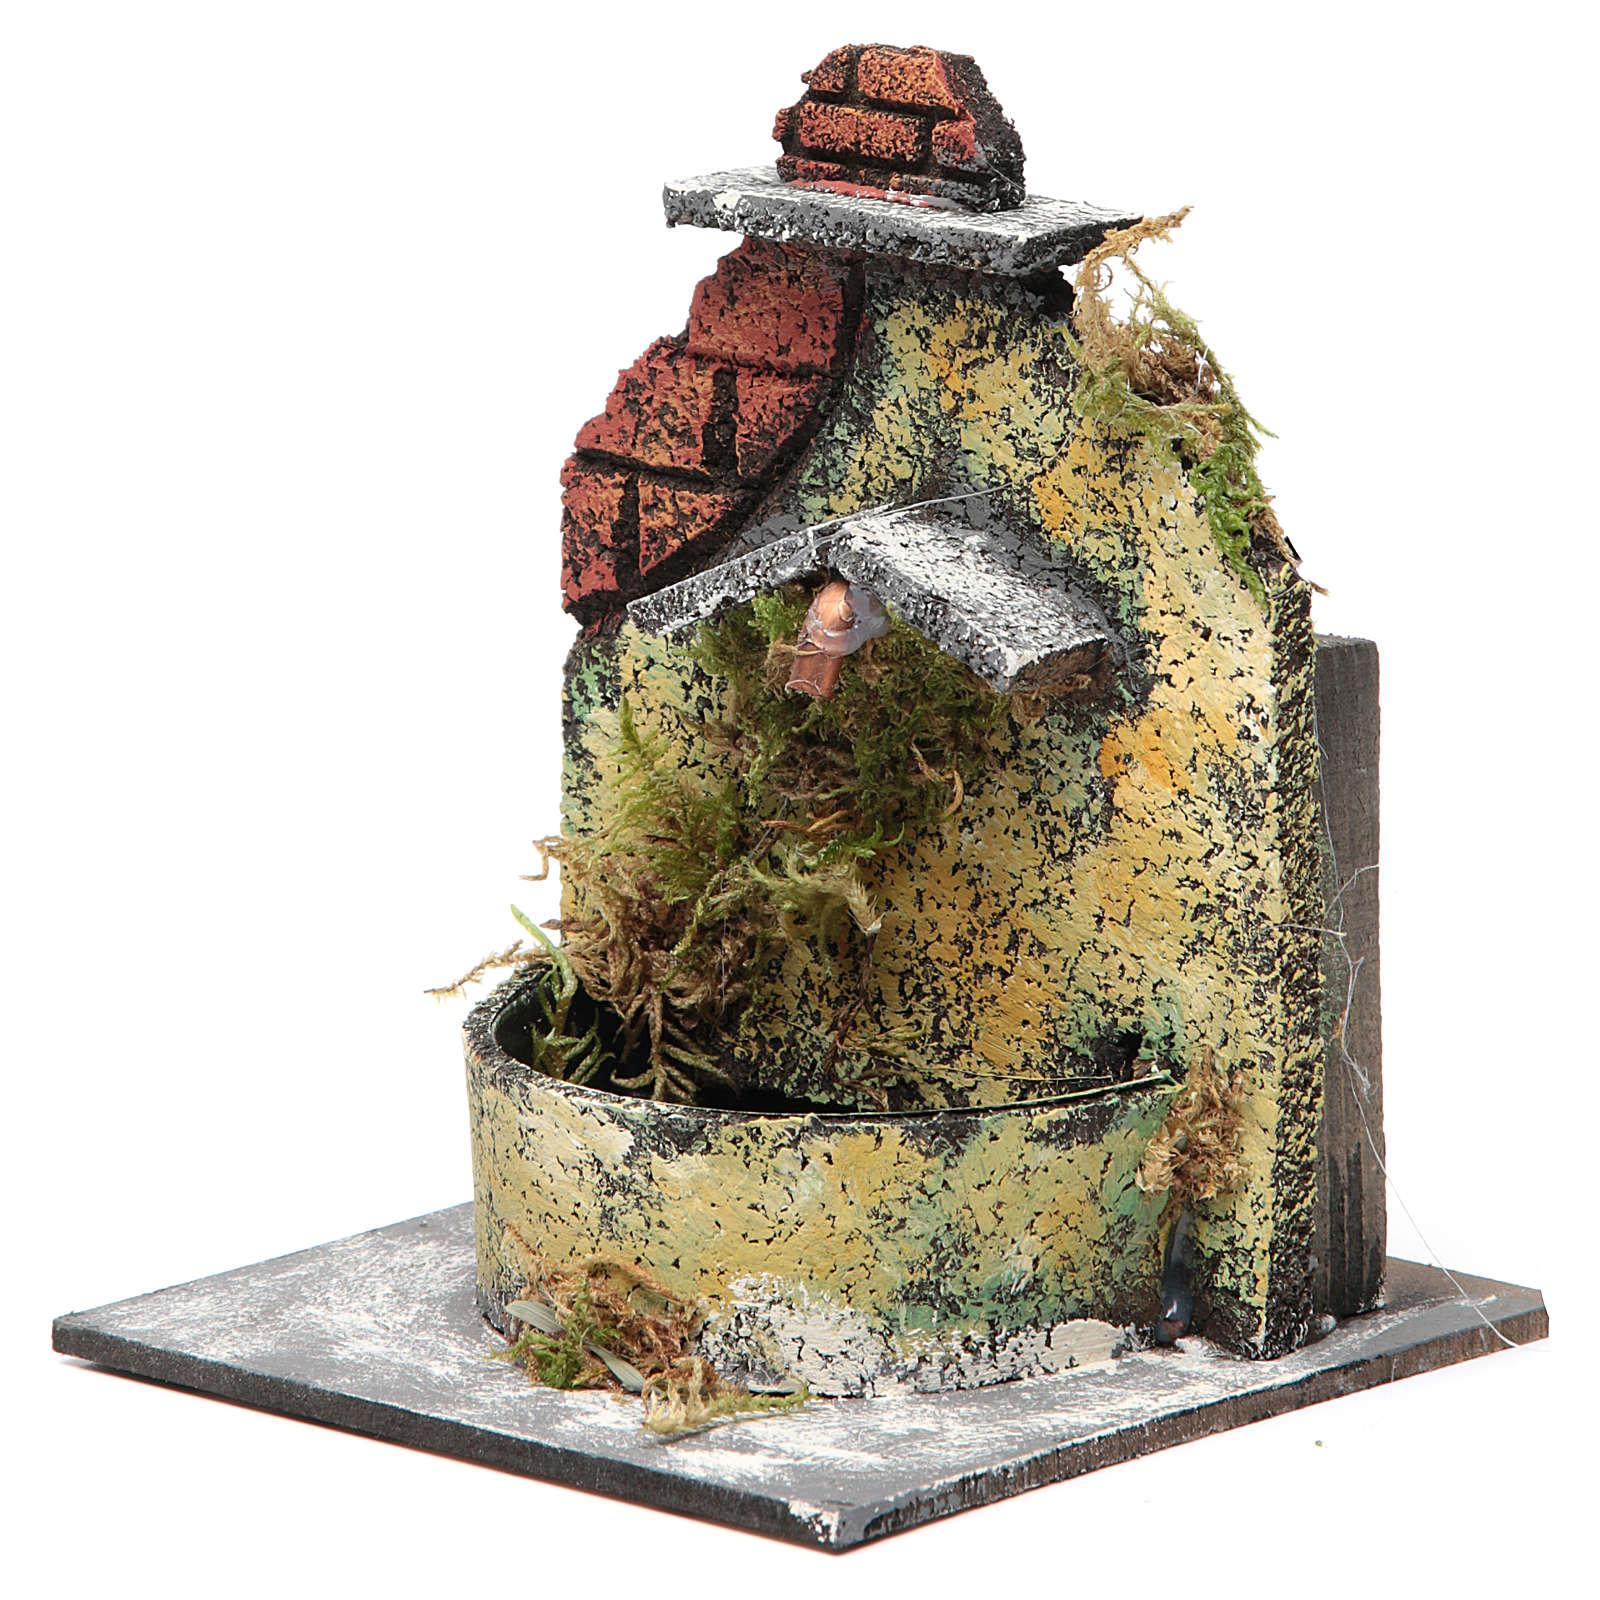 Fontaine crèche Naples en bois et liège 16x14,5x14 cm 4